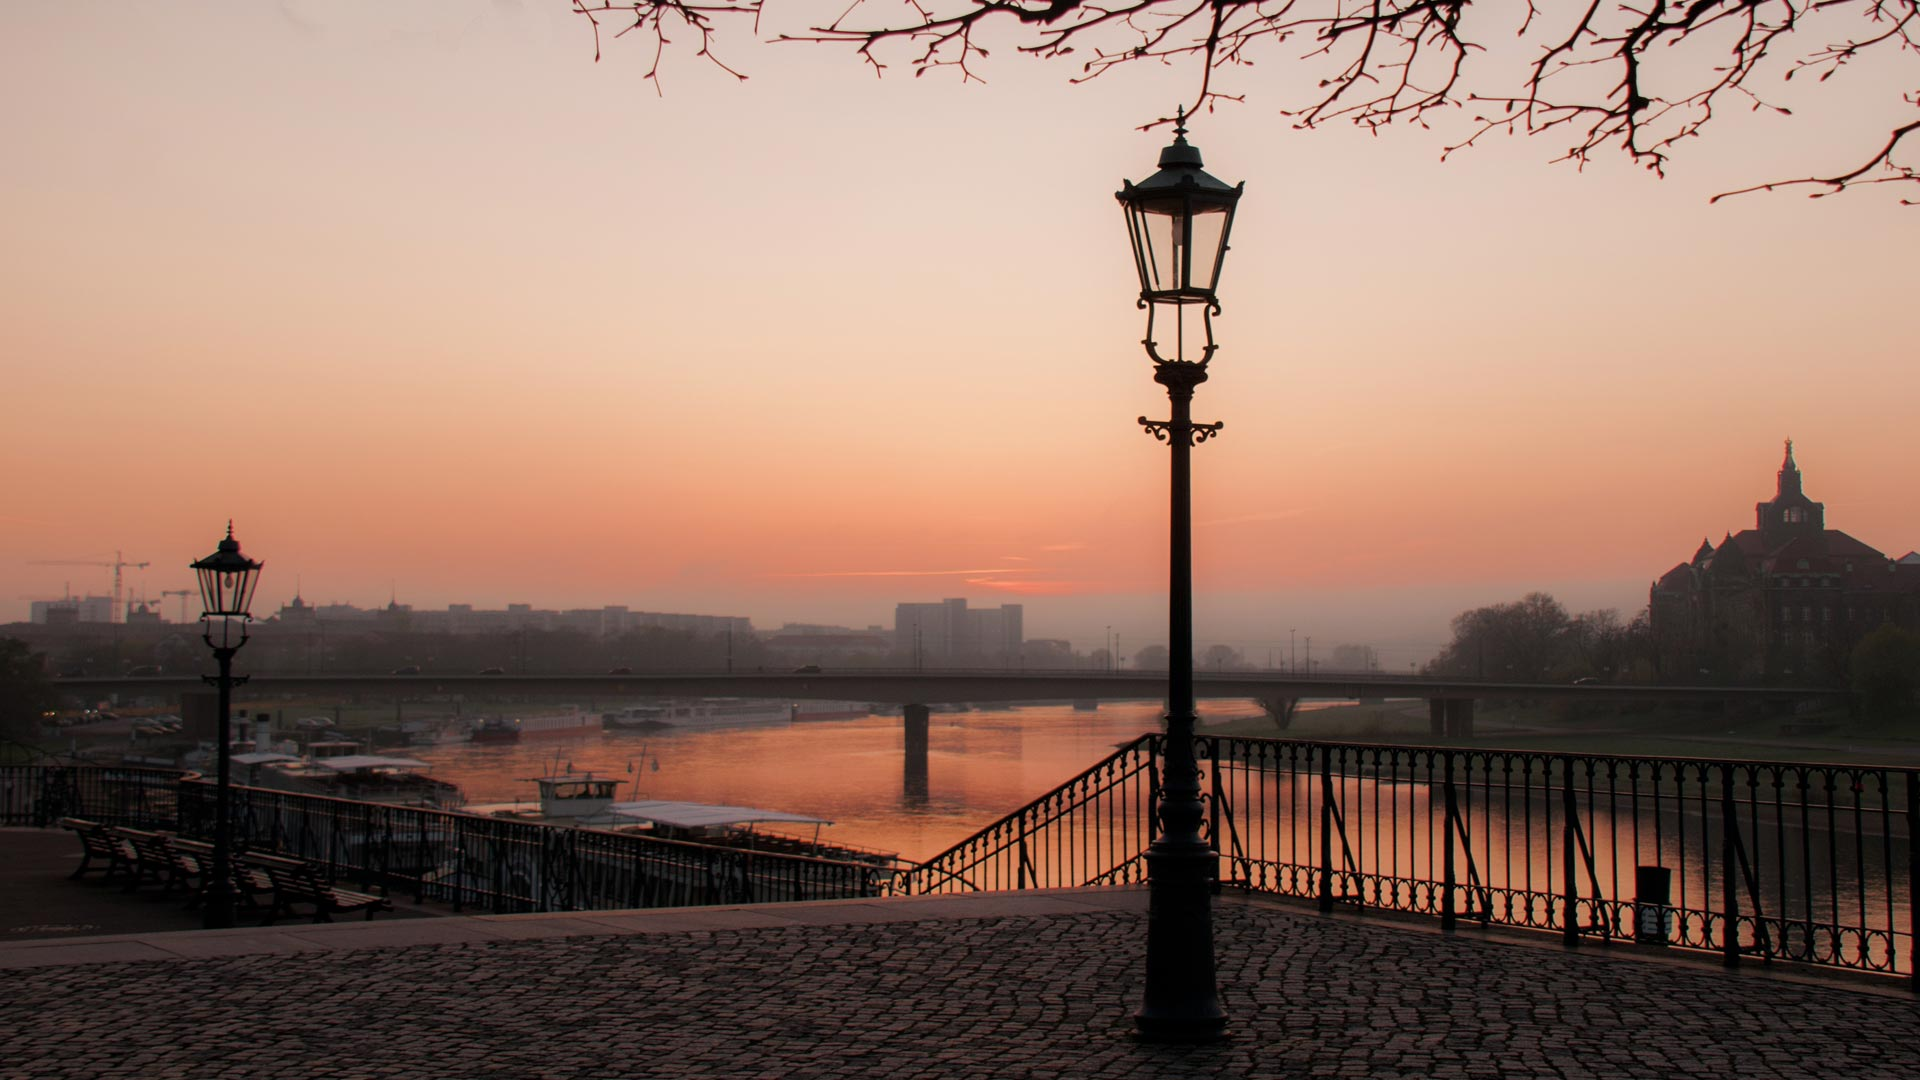 33 ciekawostki o Dreźnie – fakty, informacje, zwiedzanie